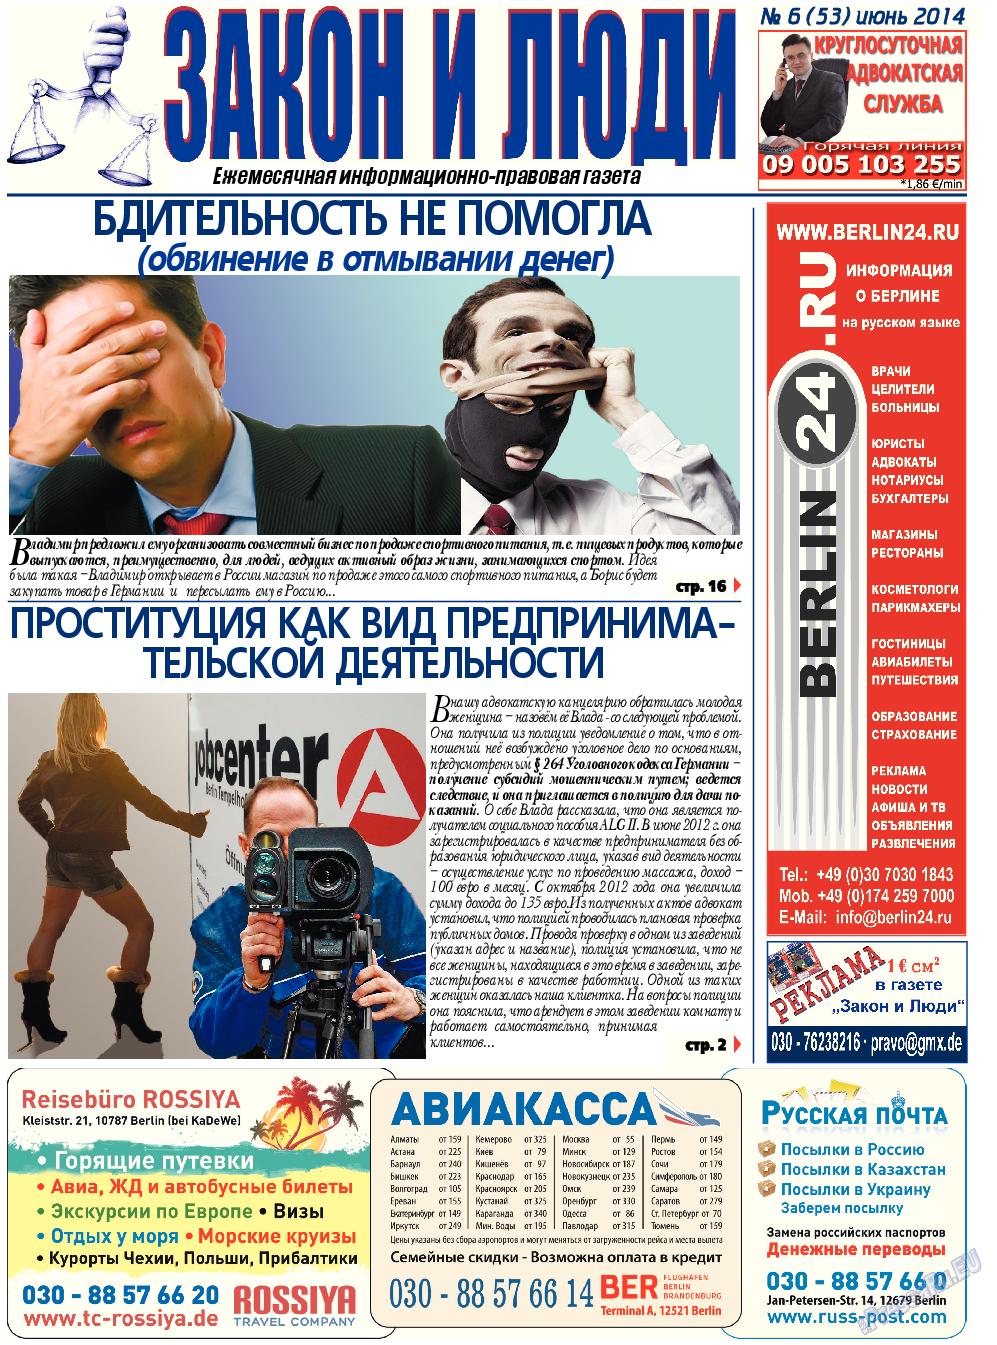 Закон и люди (газета). 2014 год, номер 6, стр. 1